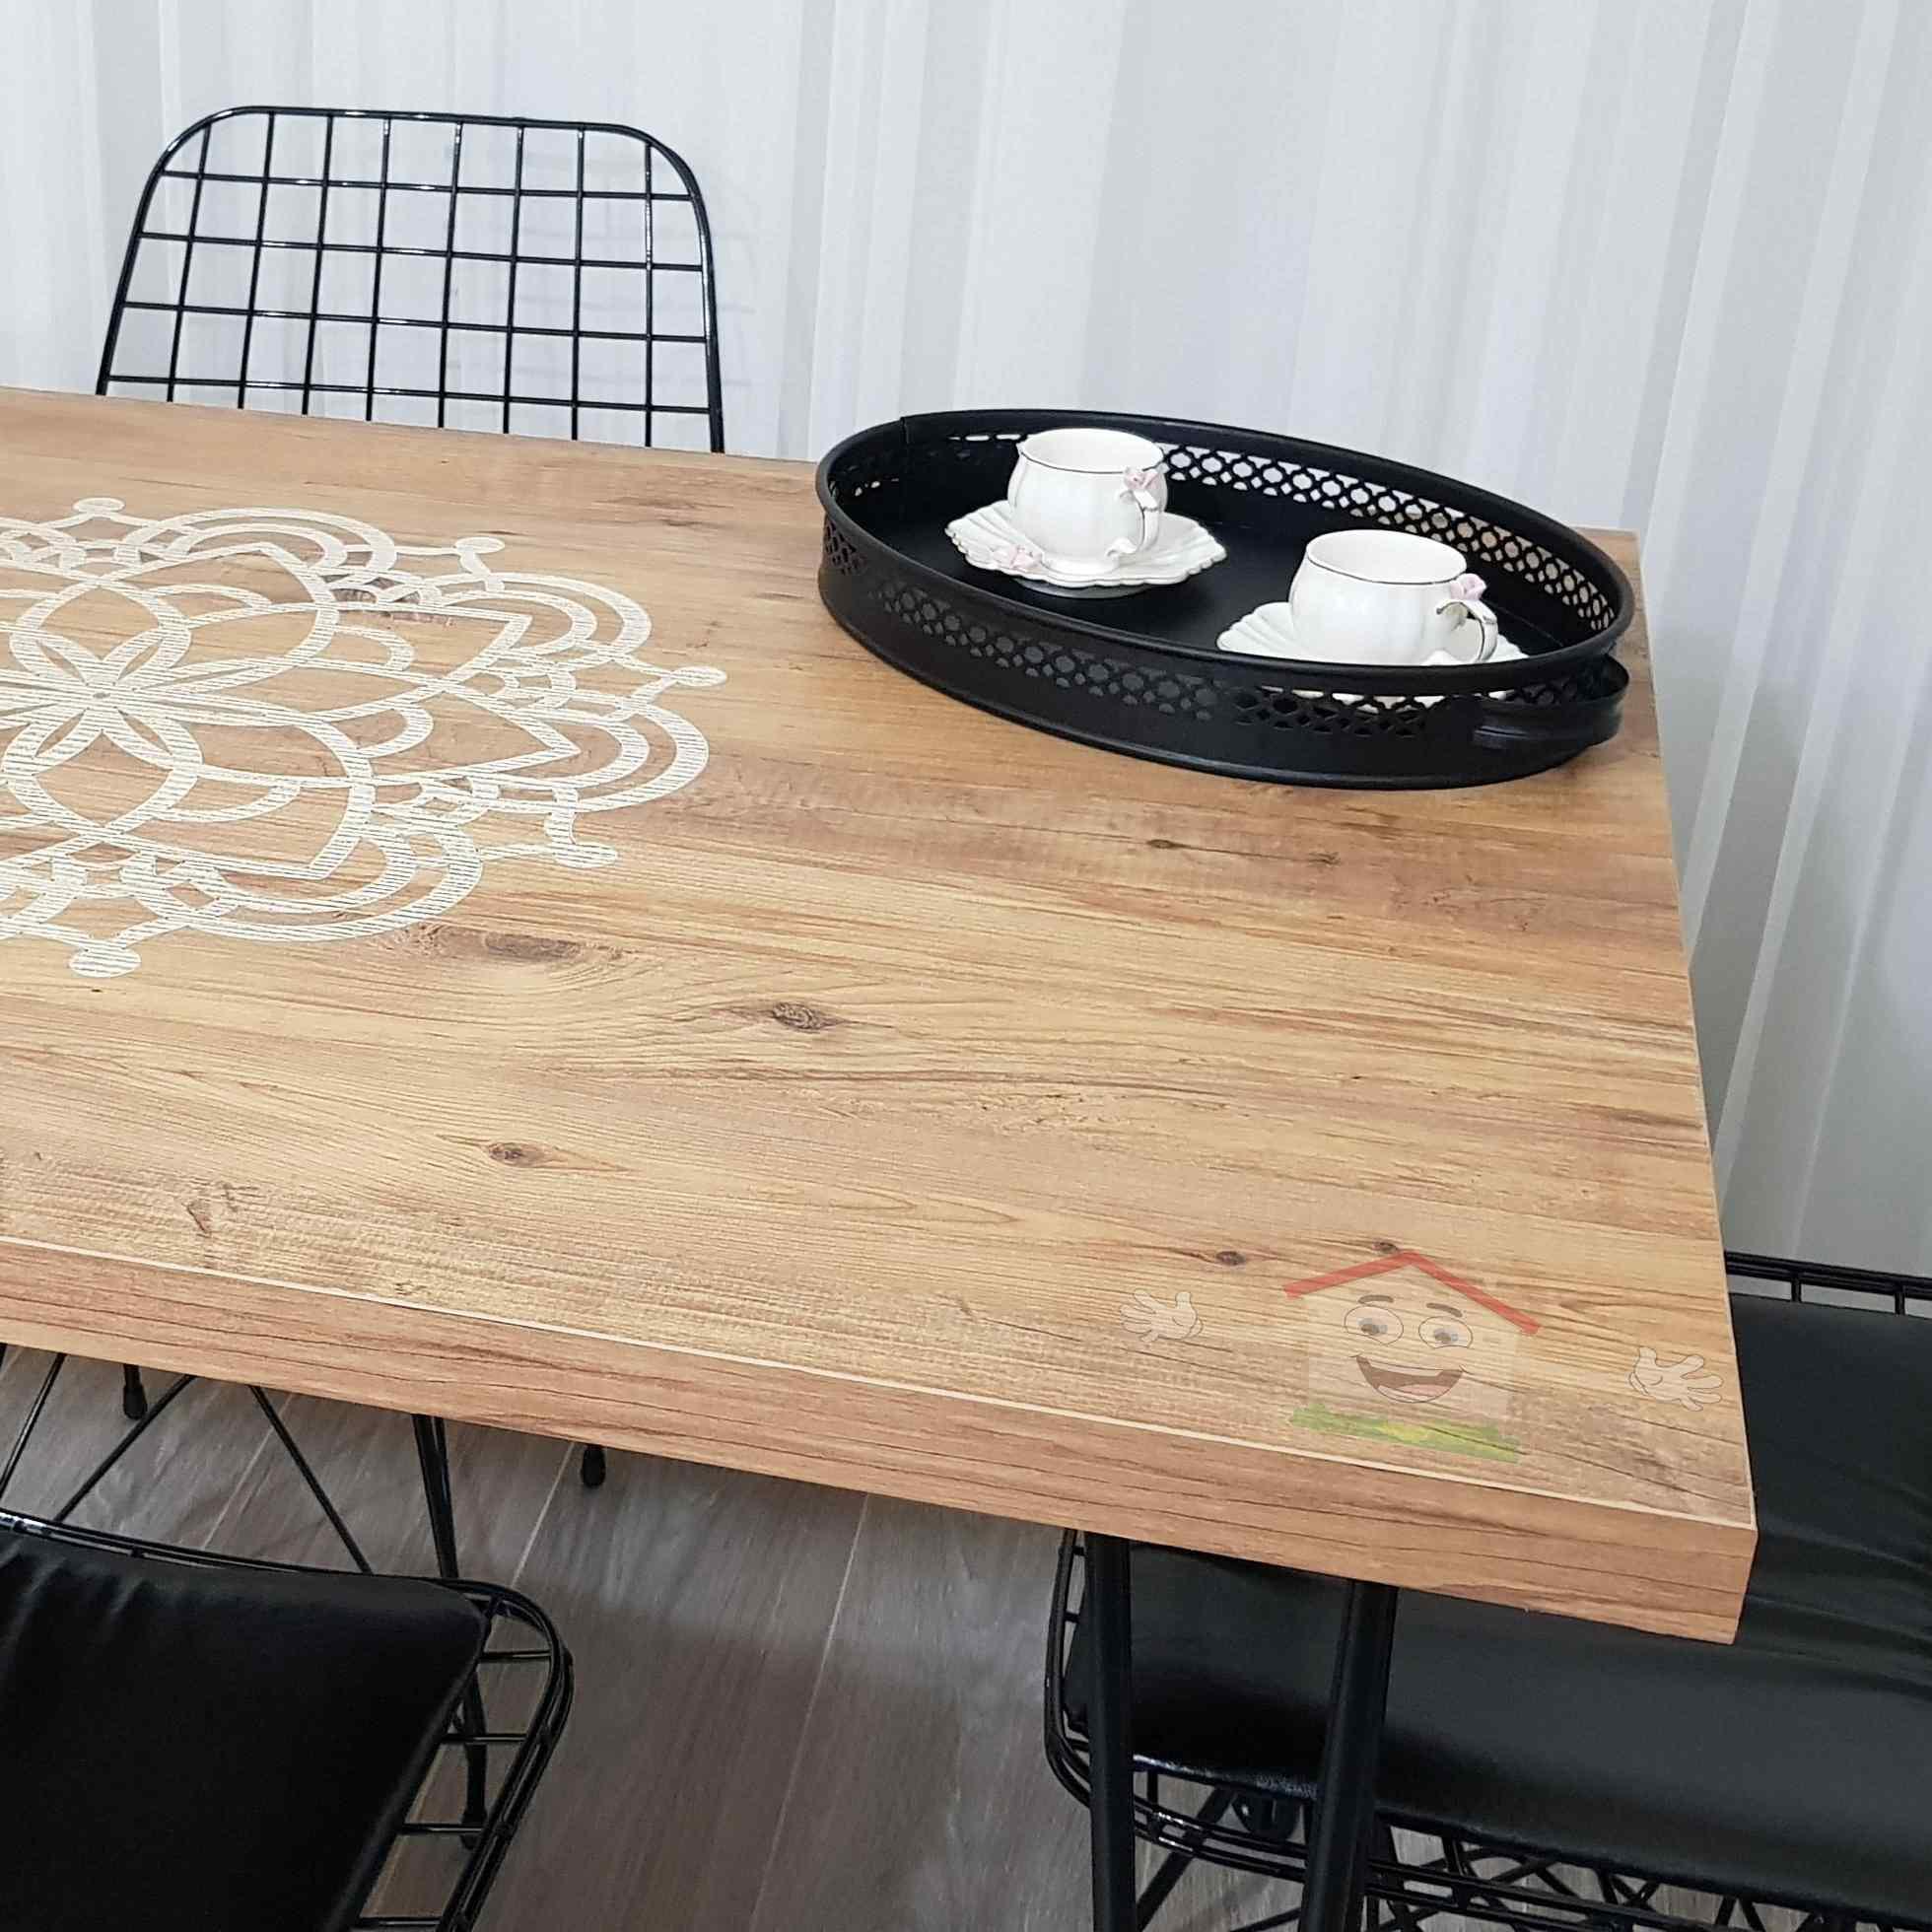 Yekta Pera Yemek Masası 4 Kişilik Masa Takımı